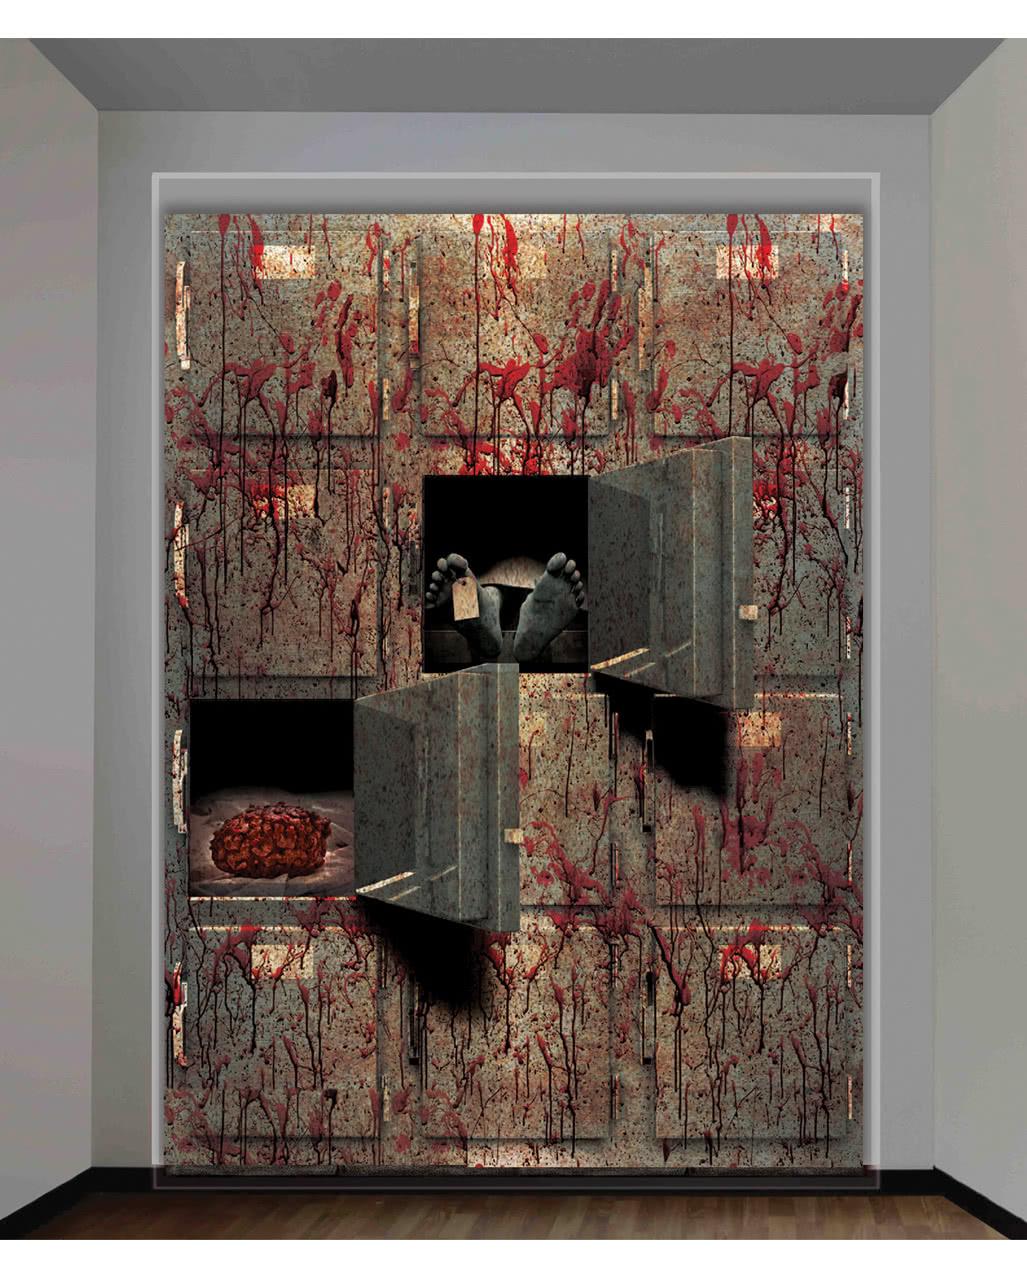 wandfolie leichenschauhaus f r halloween grusel deko karneval universe. Black Bedroom Furniture Sets. Home Design Ideas